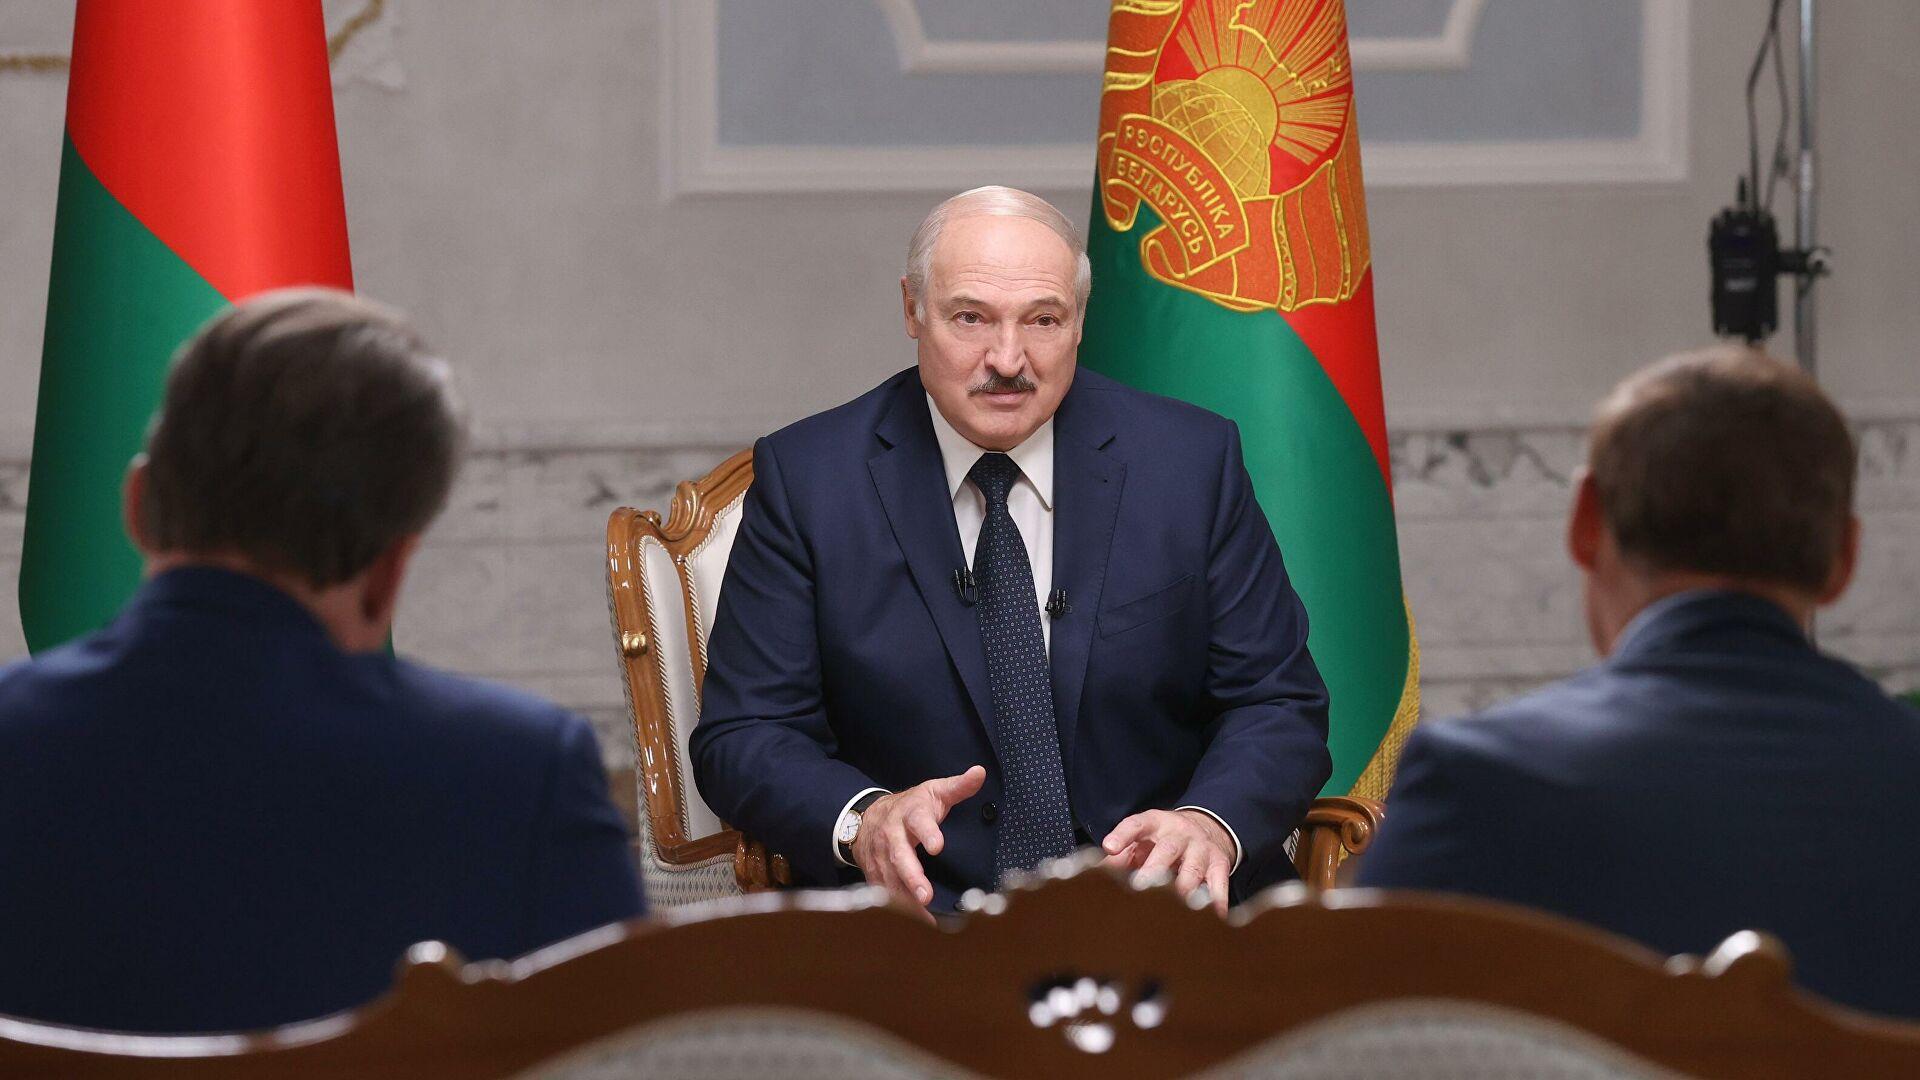 Лукашенко: Протестима се управља из Пољске, Чешке, Украјине и Литваније